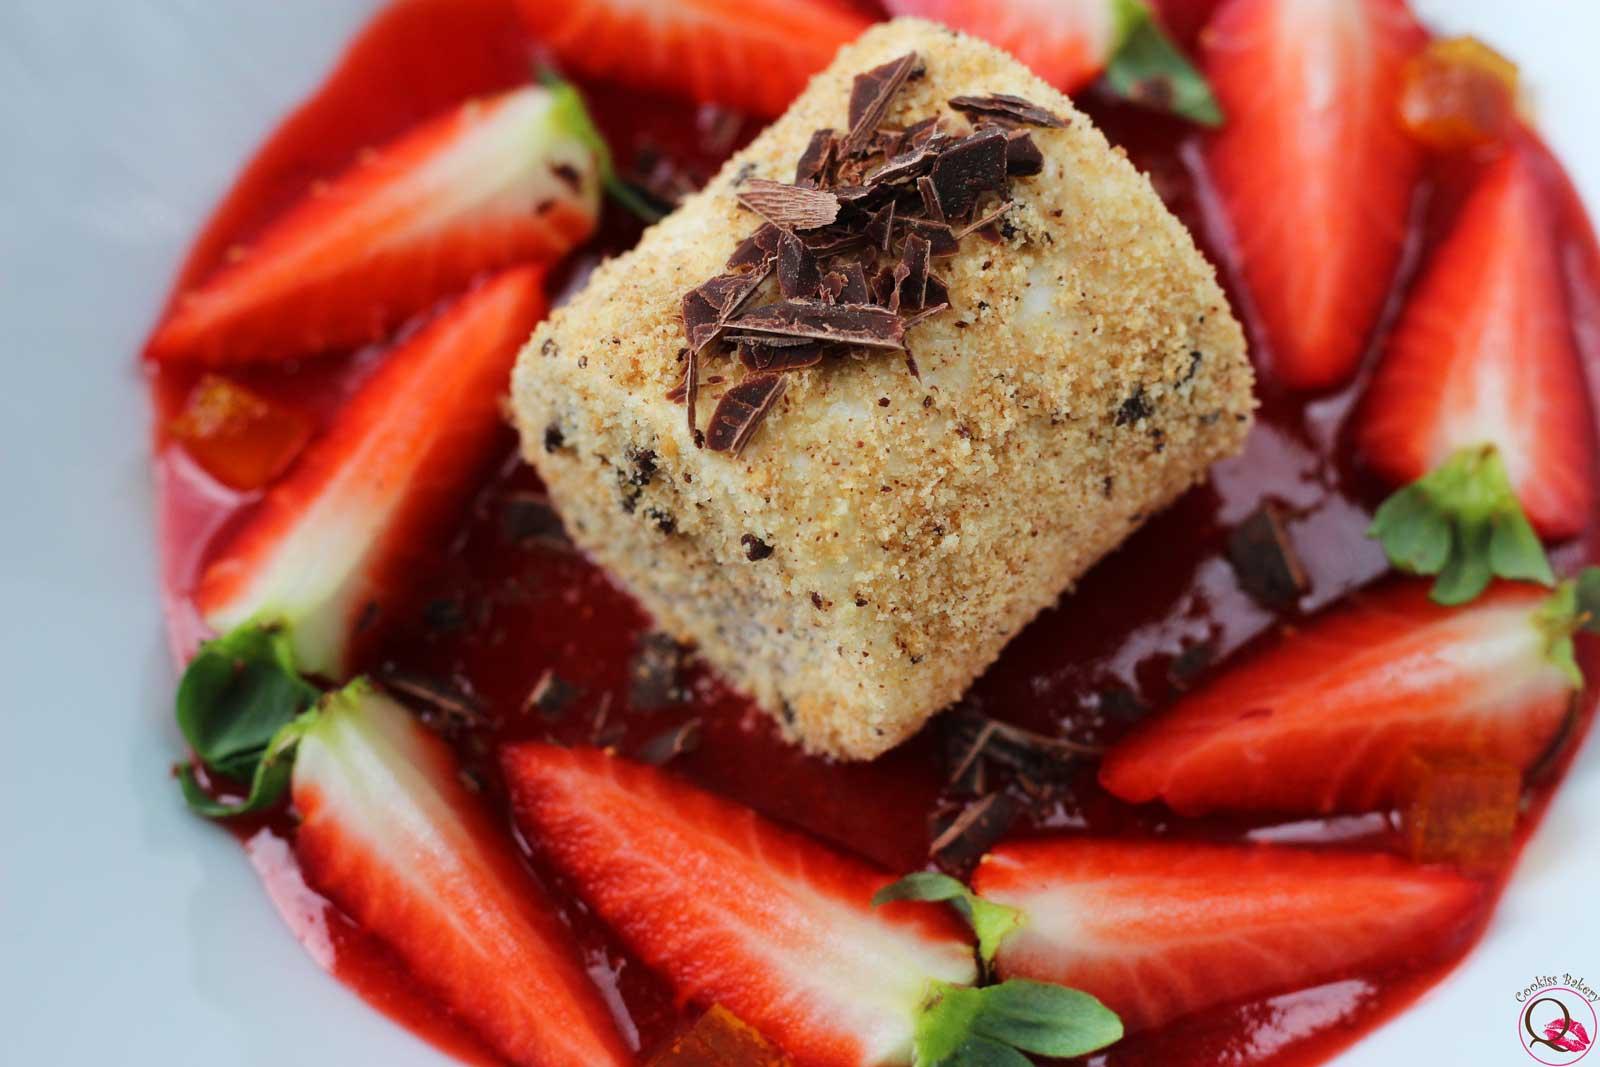 panna cotta al piatto con cioccolato e fragole vicino